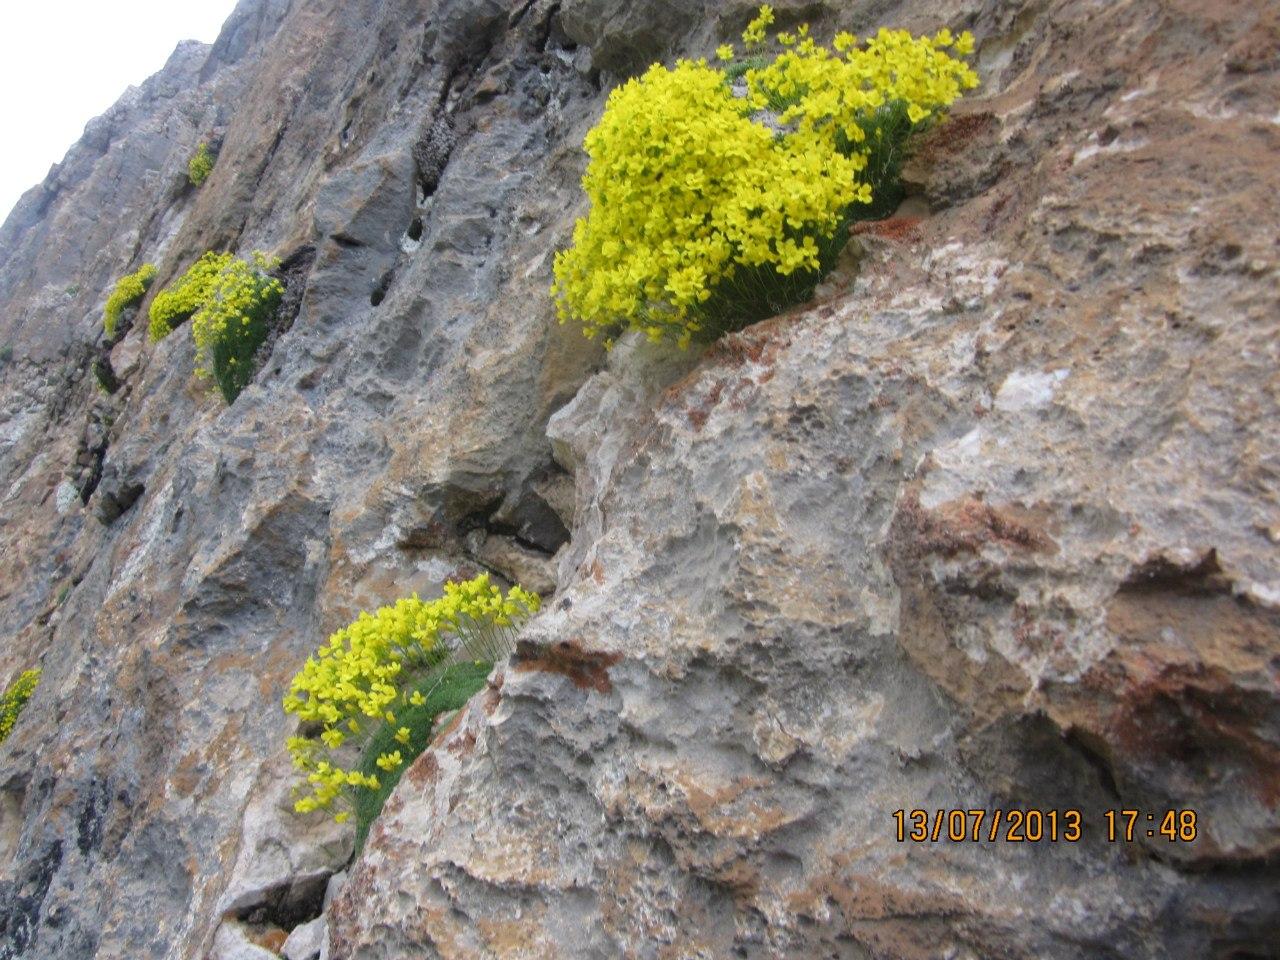 и на холодных скалах есть красота...